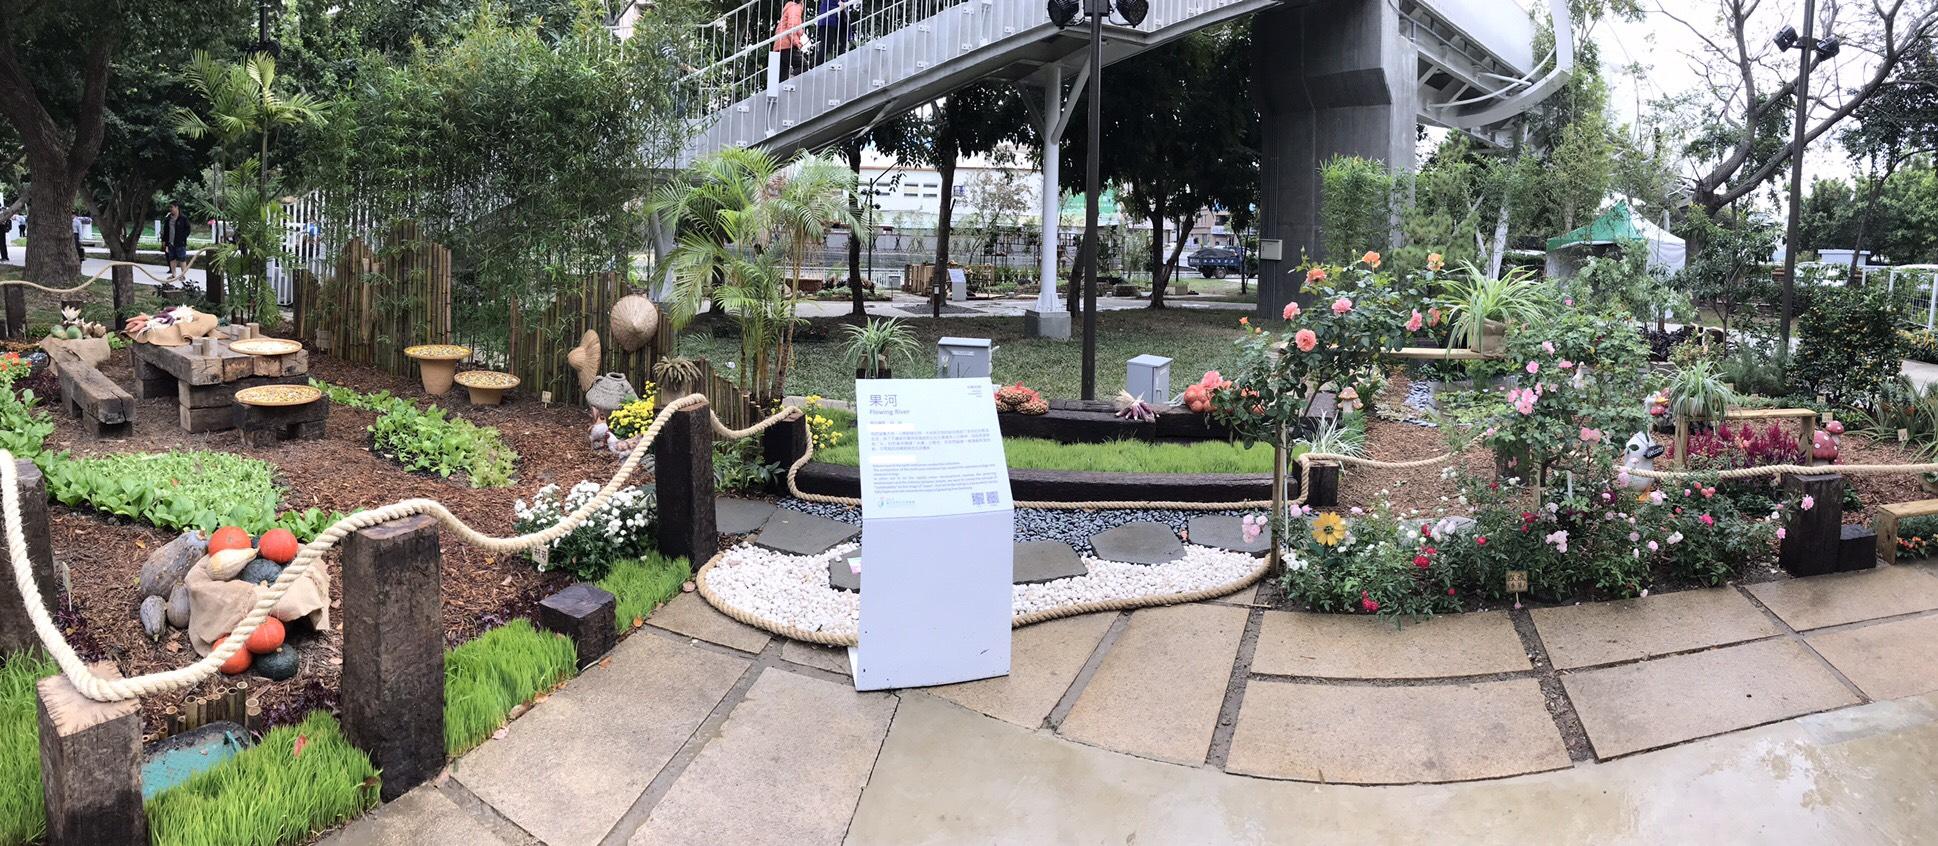 台中花博可食性庭園競賽金獎出爐 重視自然人本精神